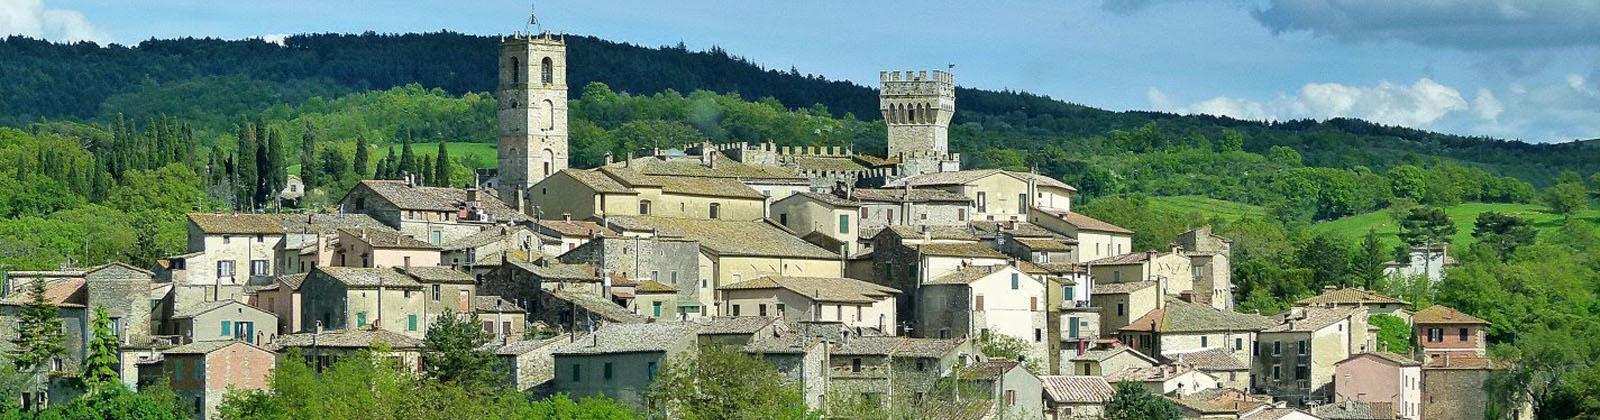 Tuscany Fontanaro